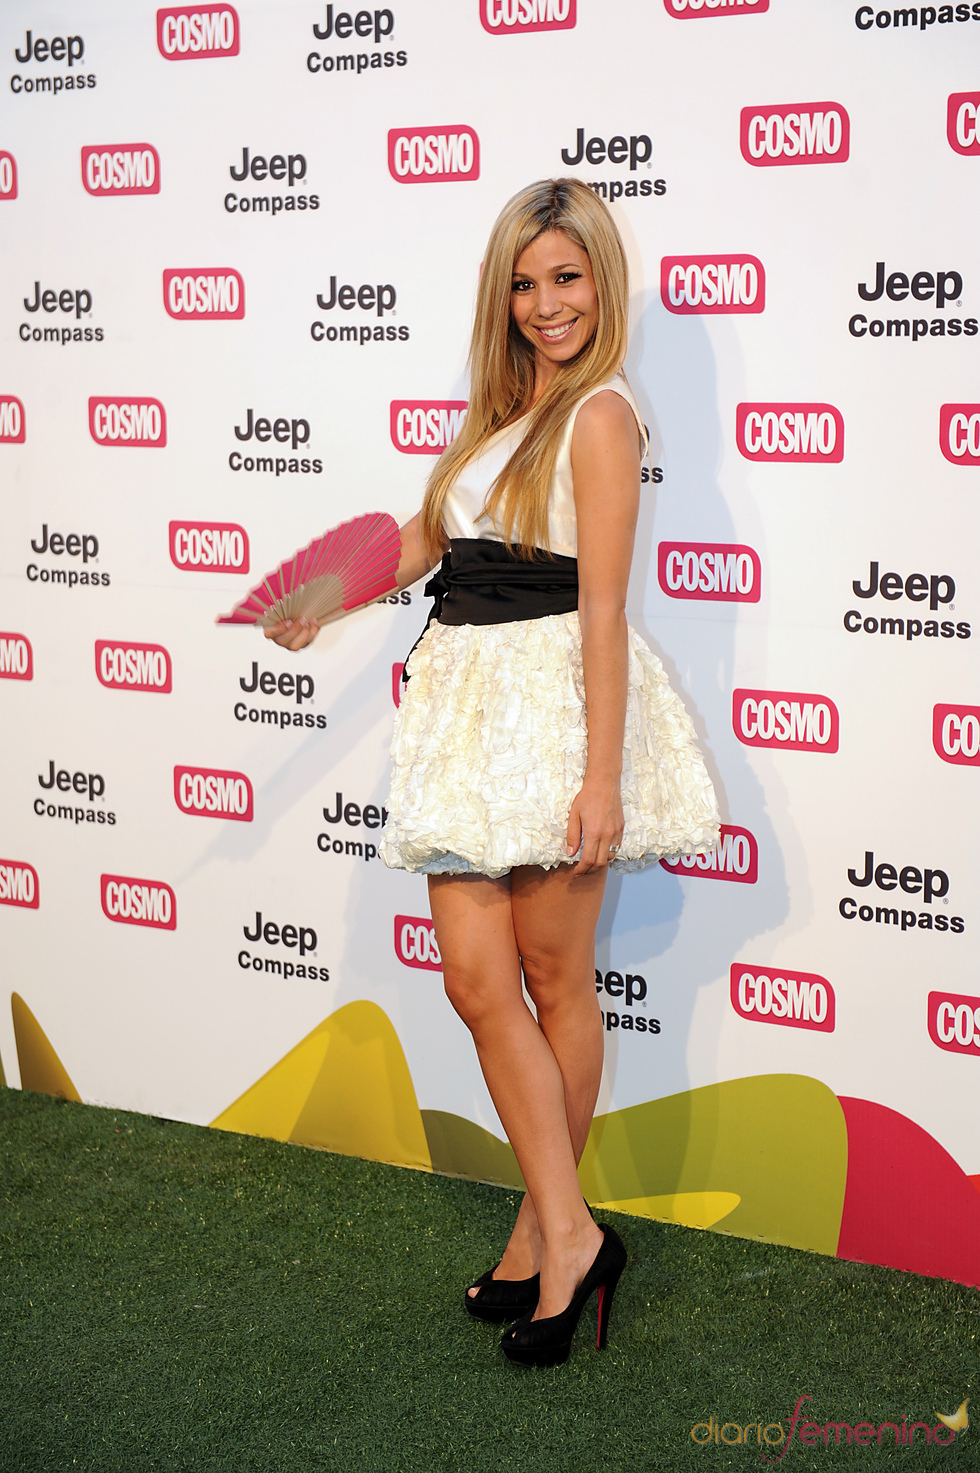 Natalia de OT en los Premios Pétalo de Cosmopólitan 2011